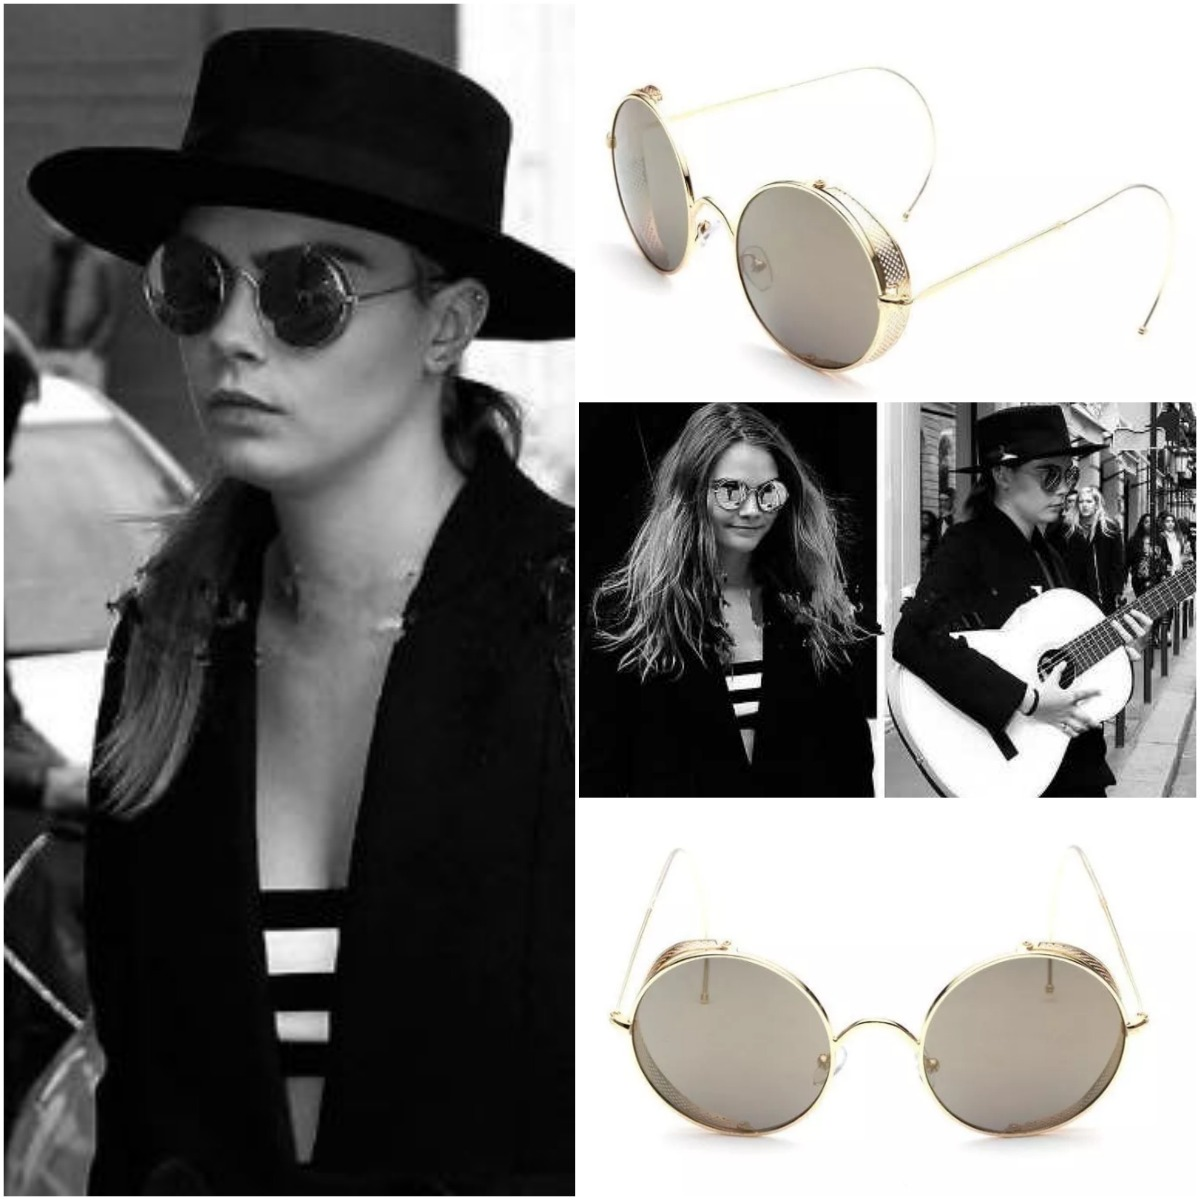 be9135d64a lentes gafas de sol redondos retro steampunk cola de ratón. Cargando zoom.